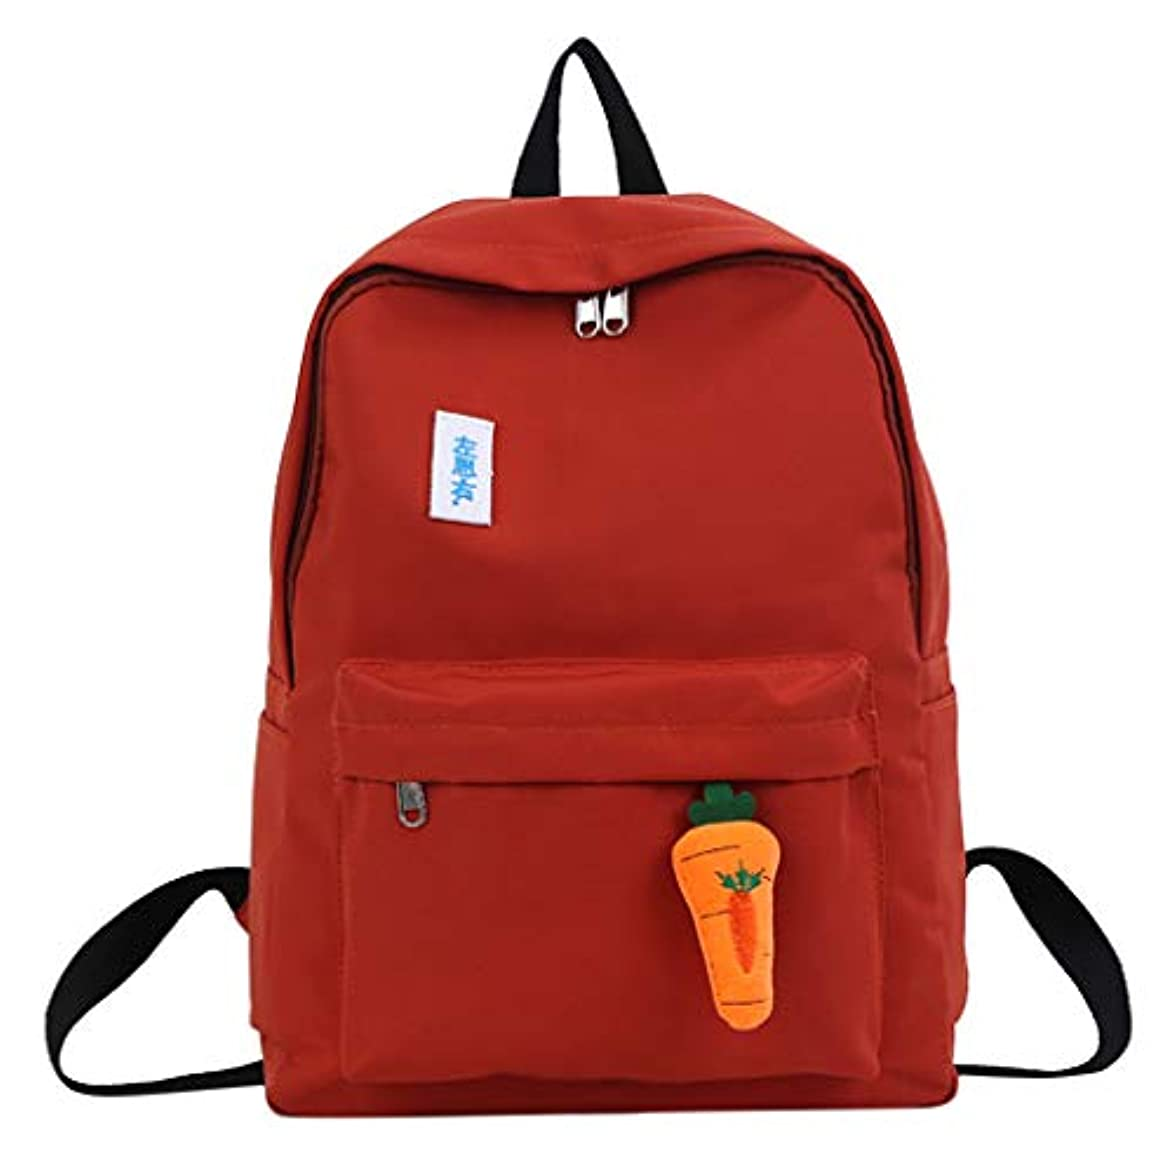 女子学生カジュアルファッションシンプルなバックパック軽量キャンバスバックパックガールズ屋外大容量かわいいヴィンテージバッグ